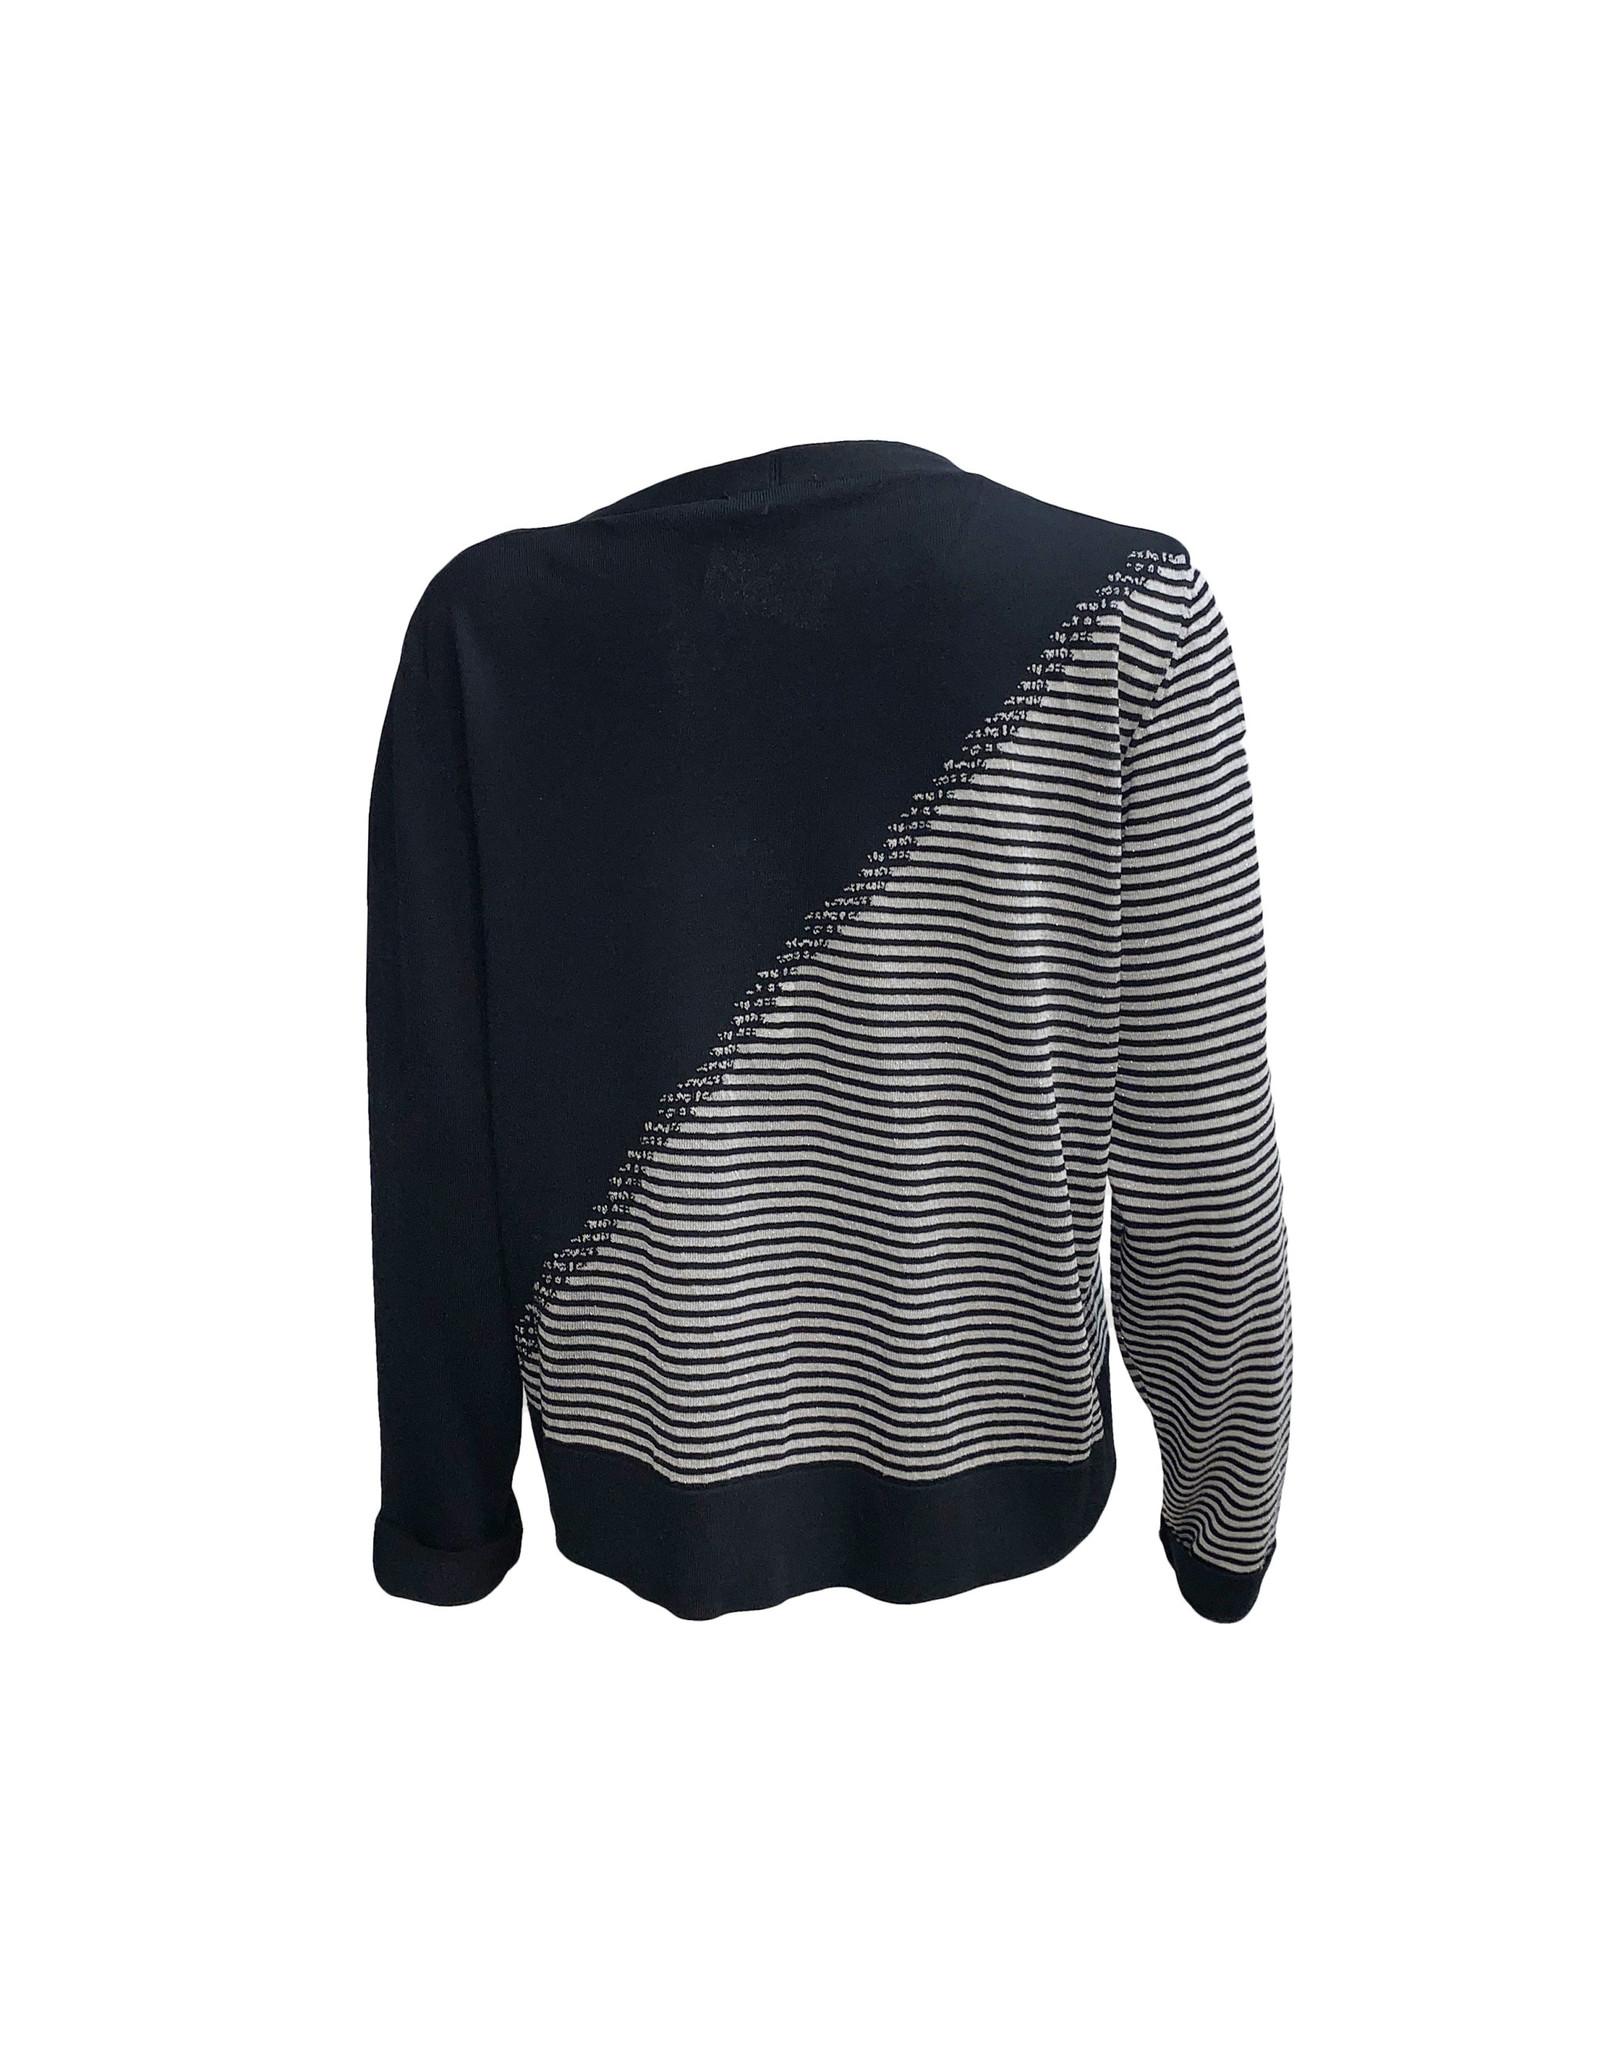 Crea Concept Crea Concept Angle Cardigan-Black/White